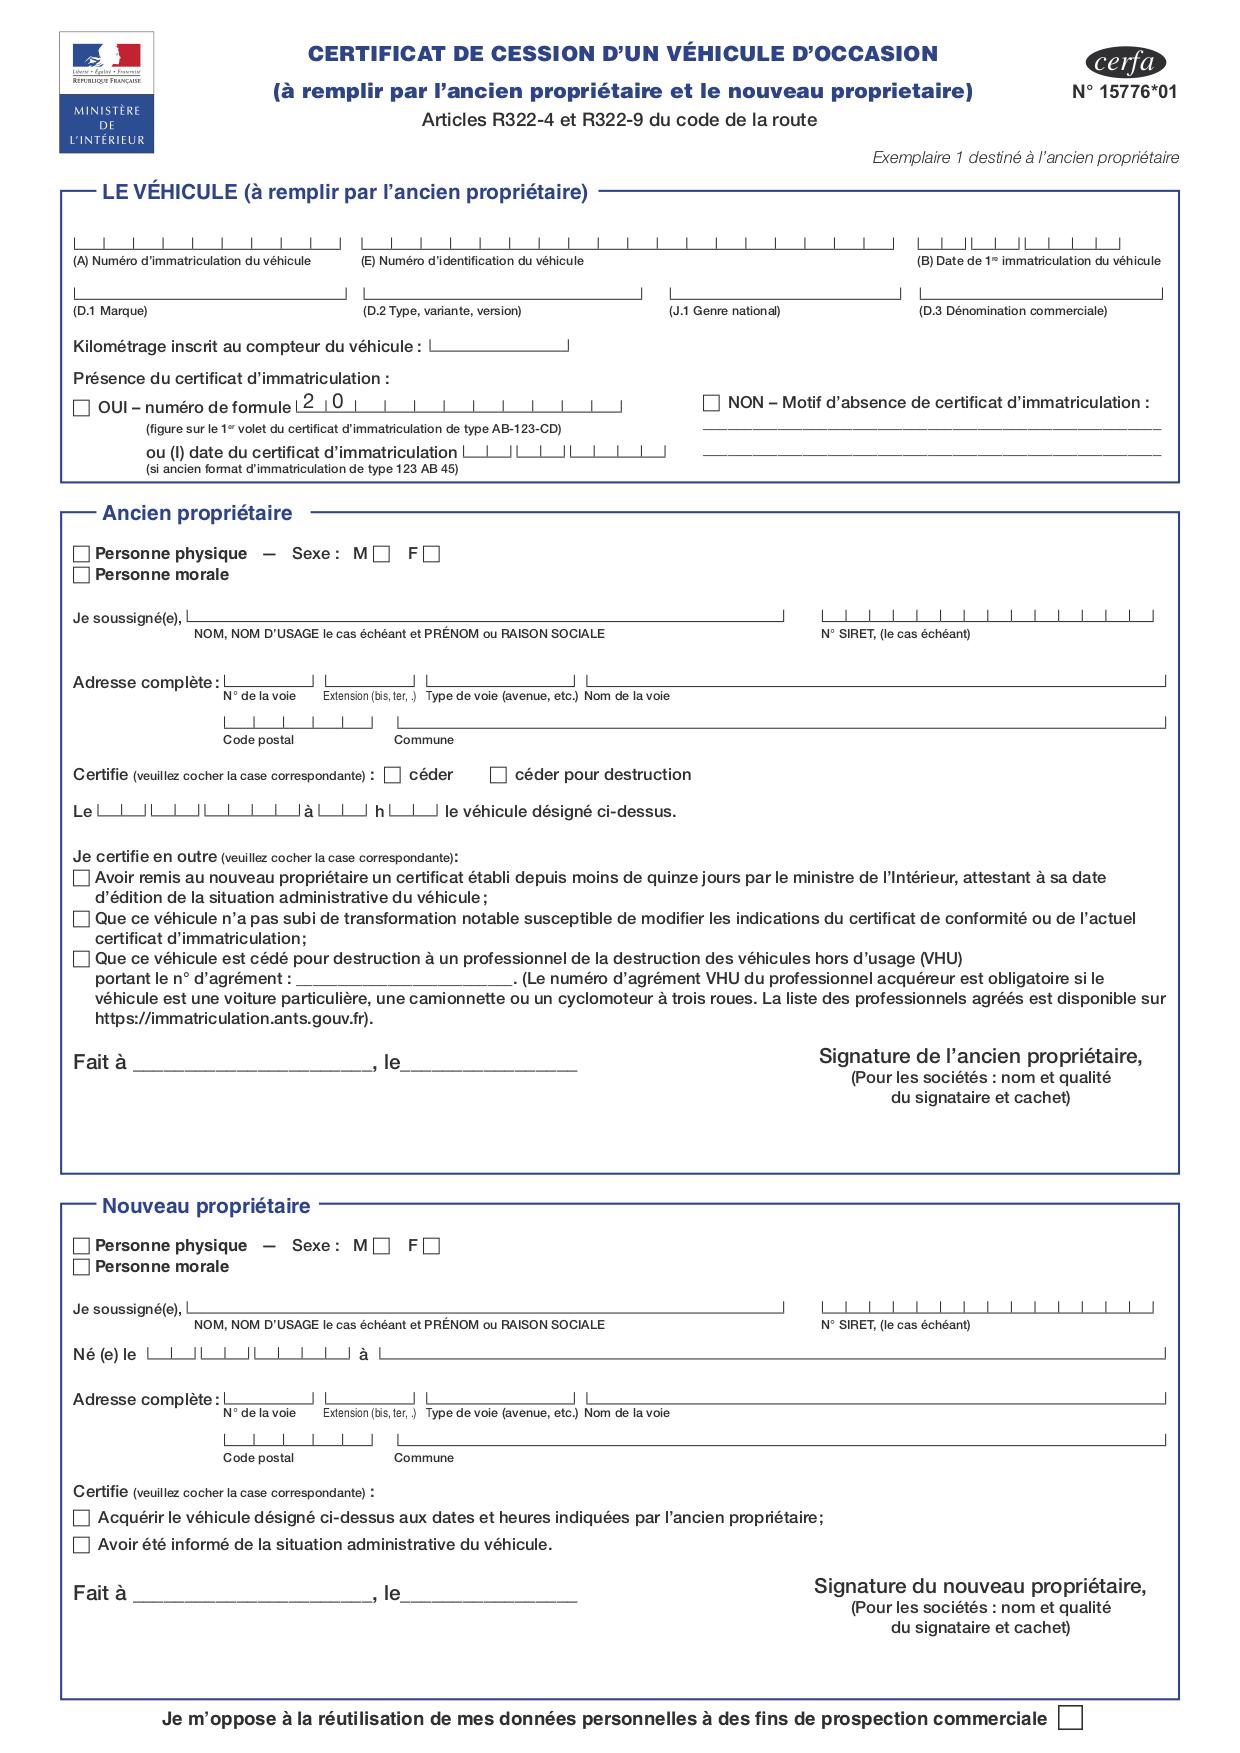 Afin d'effectuer la cession d'un véhicule d'occasion, il y a des documents bien spécifiques à compléter, dont parmi lesquels figure aussi la déclaration de cession. Le certificat de cession aussi appelé Formulaire CERFA 15776*01 est obligatoire. L'imprimé administratif CERFA n° 15776*01 devra être rempli par le vendeur et l'acheteur en deux exemplaires et également signés par les 2 parties. La déclaration de cession est obligatoire pour l'ancien et le nouveau titulaire d'un véhicule.